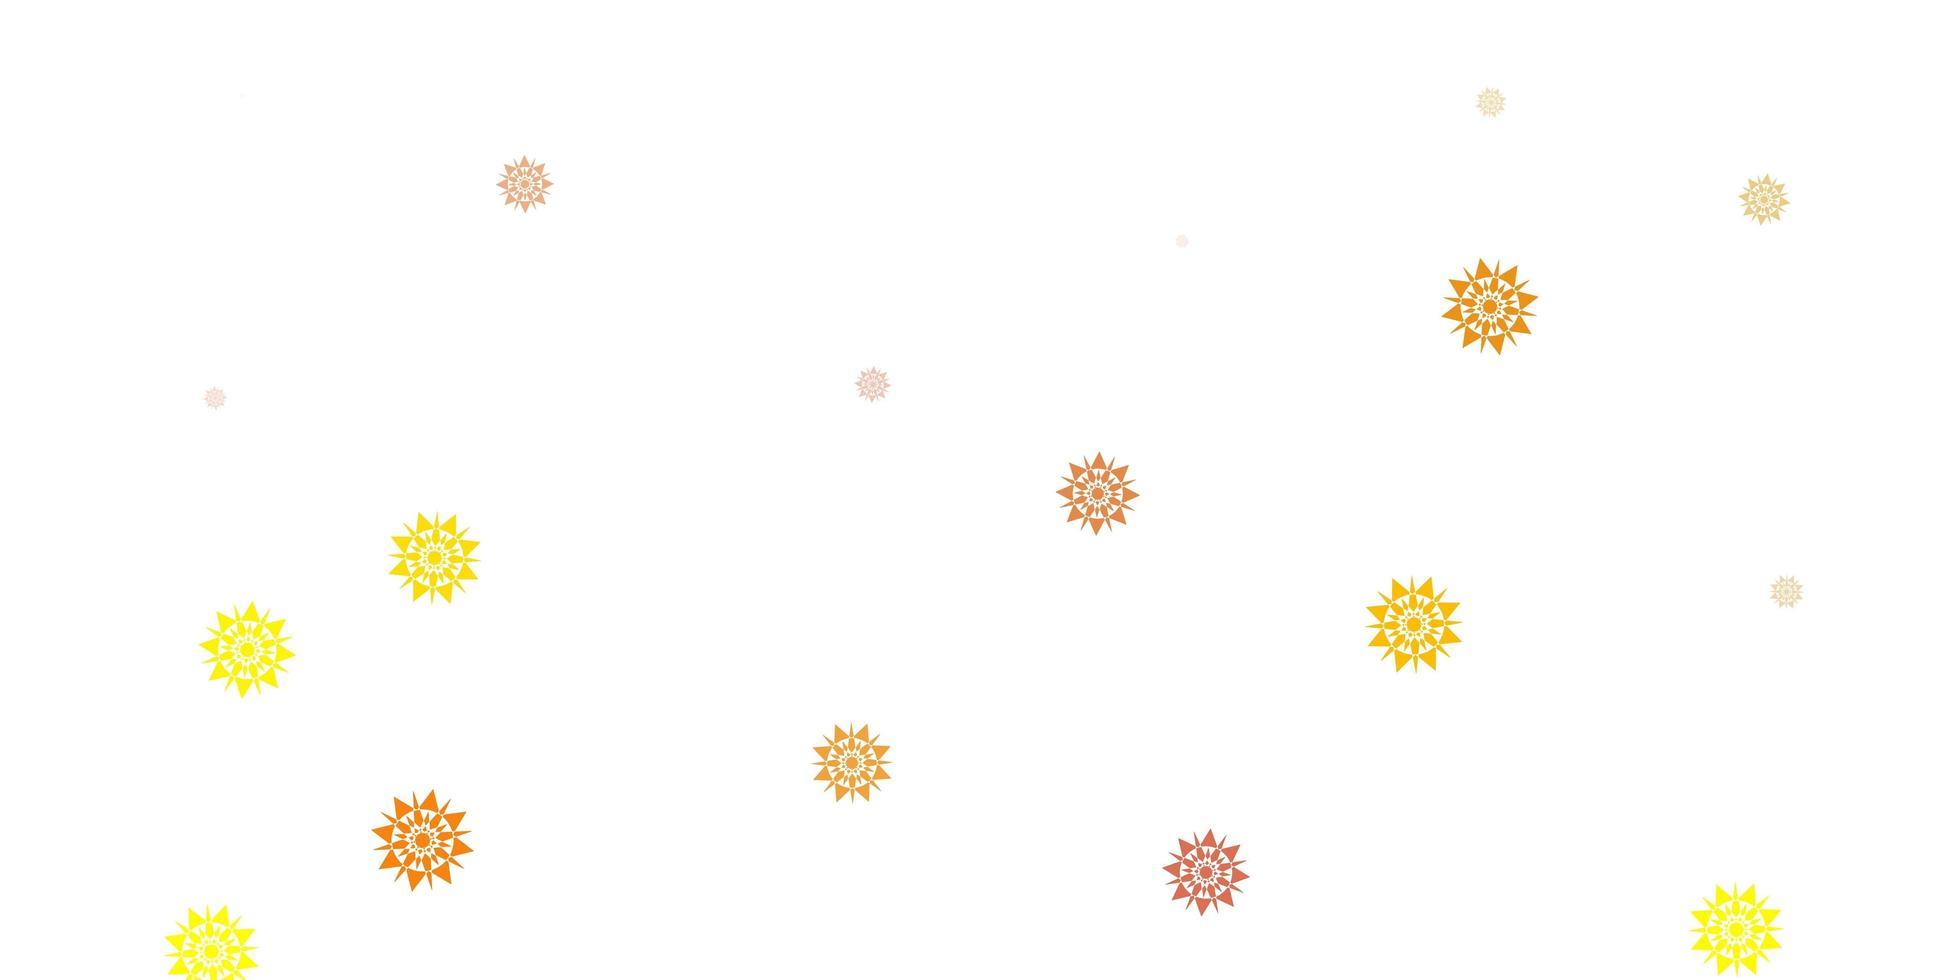 hellgelbe Vektorschablone mit Eisschneeflocken. vektor